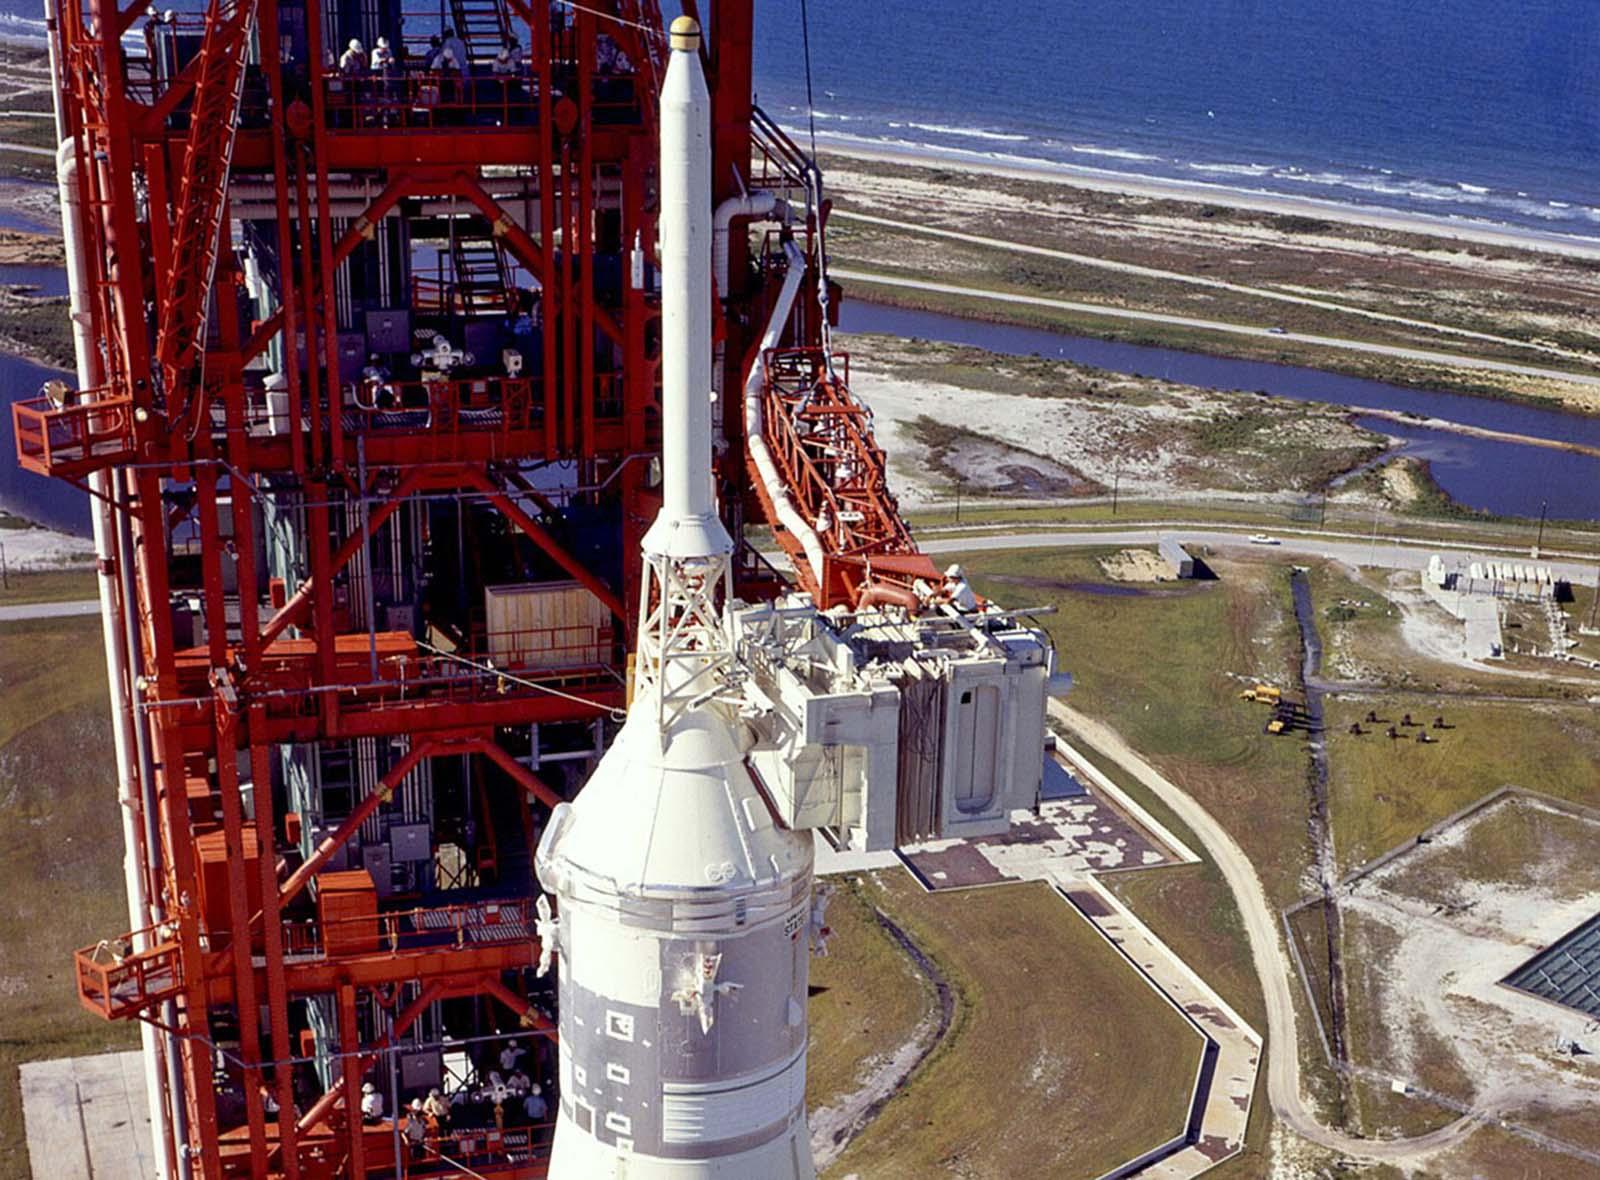 Apollo 11 preparation%2B%252829%2529 - Fotos raras da preparação de Neil Armstrong antes de ir a Lua